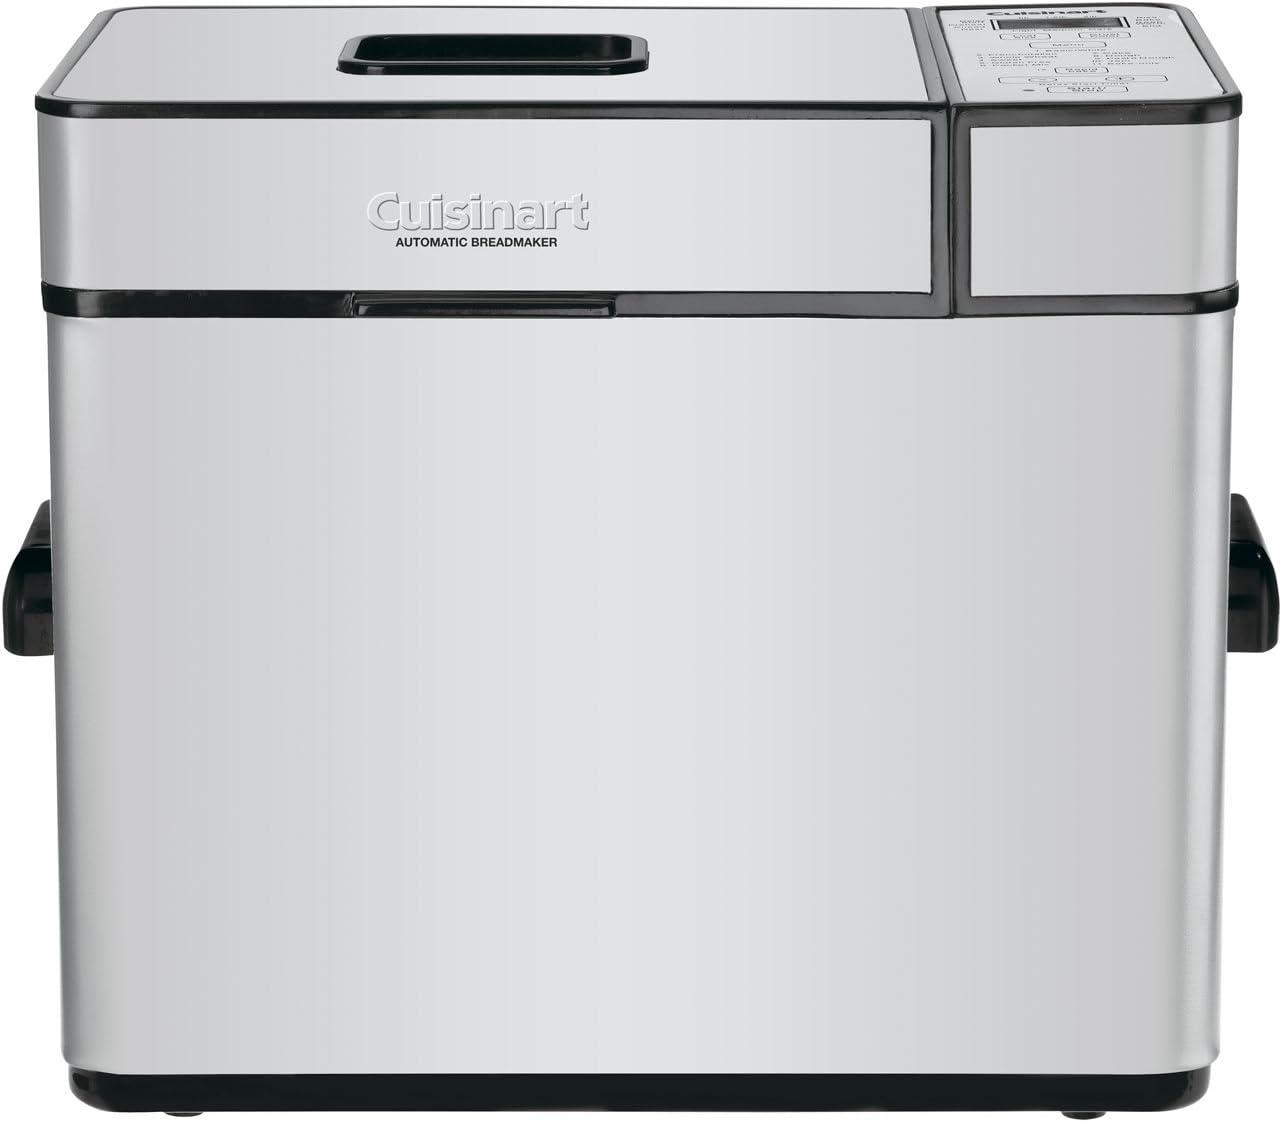 Amazon.com: Panificadora programable Cuisinart CBK-100 de ...